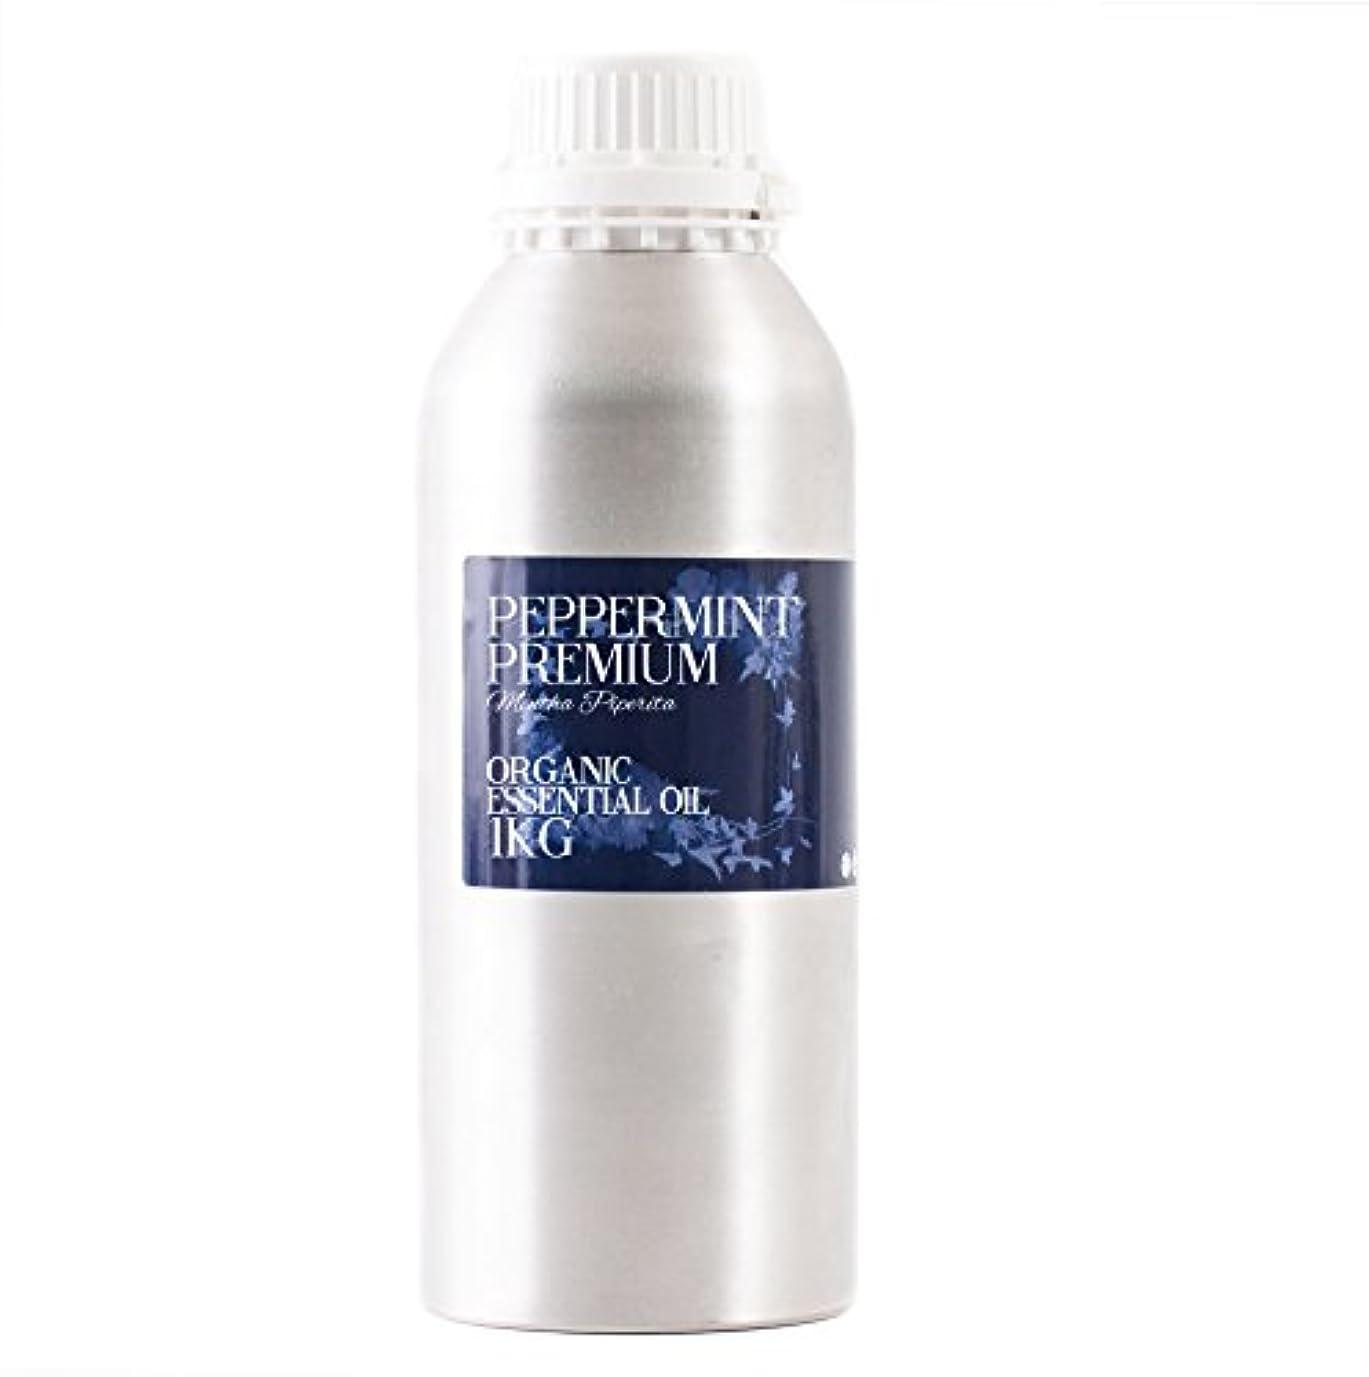 敬礼管理する叙情的なMystic Moments | Peppermint Premium Organic Essential Oil - 1Kg - 100% Pure